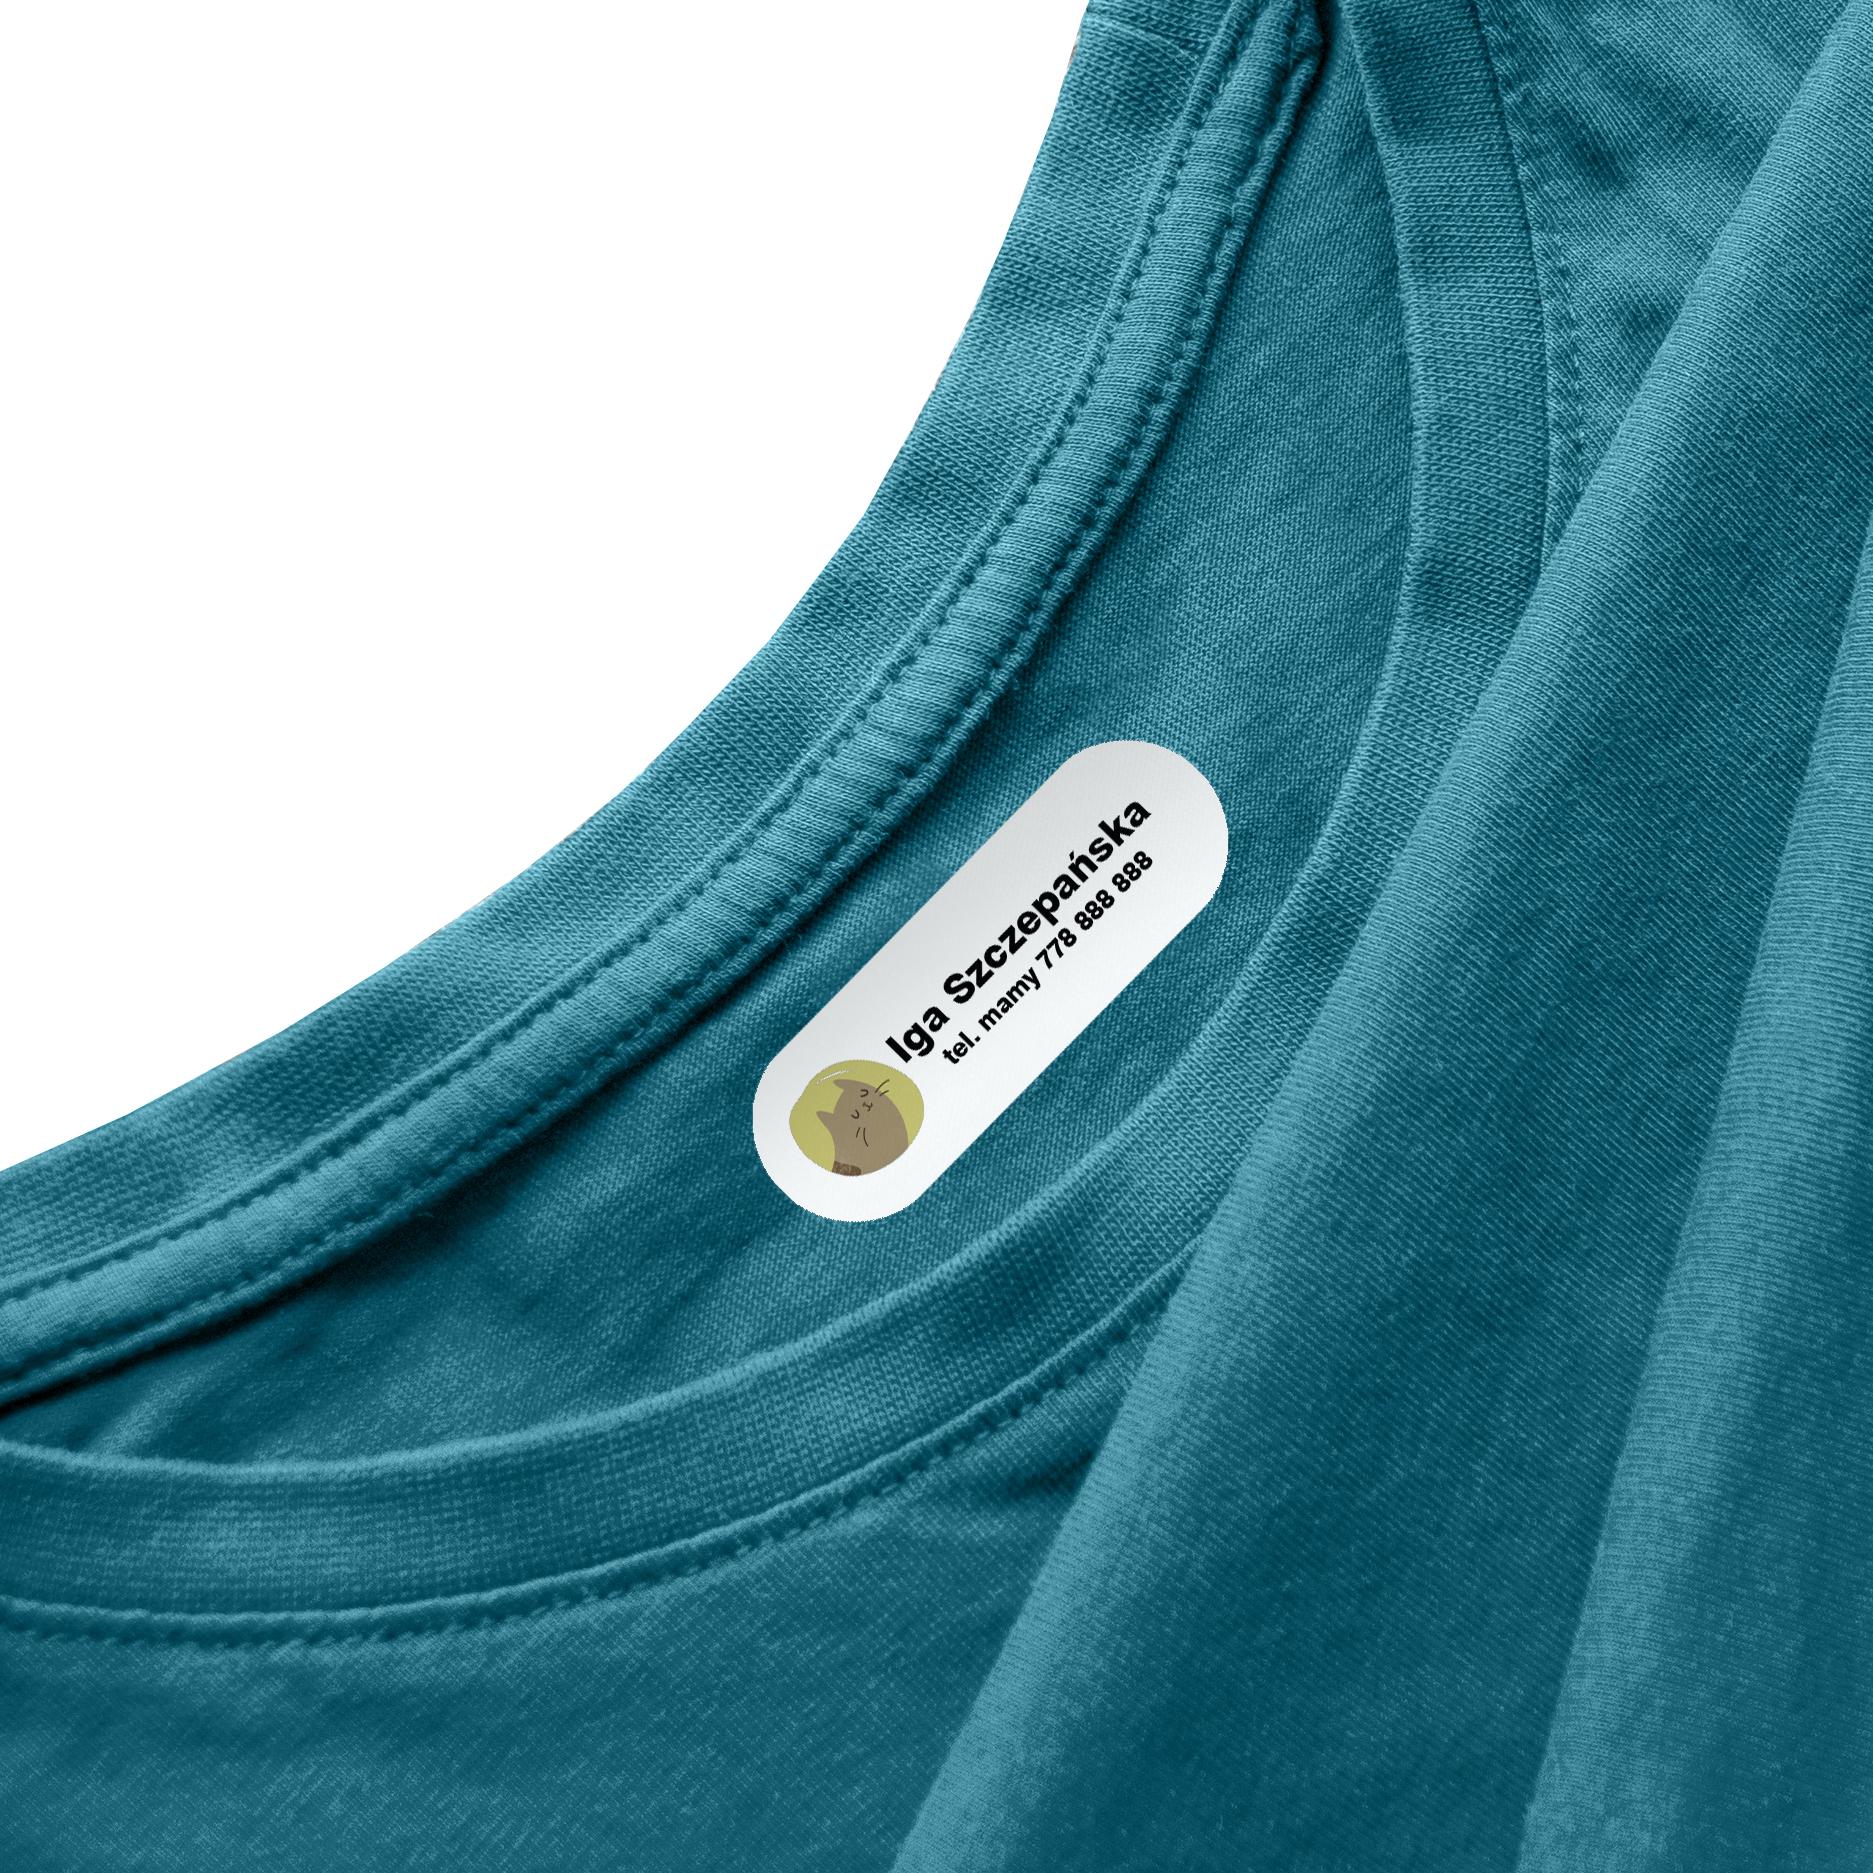 Naprasowanki na ubrania naprasowanka imienna metki dla dziecka kot